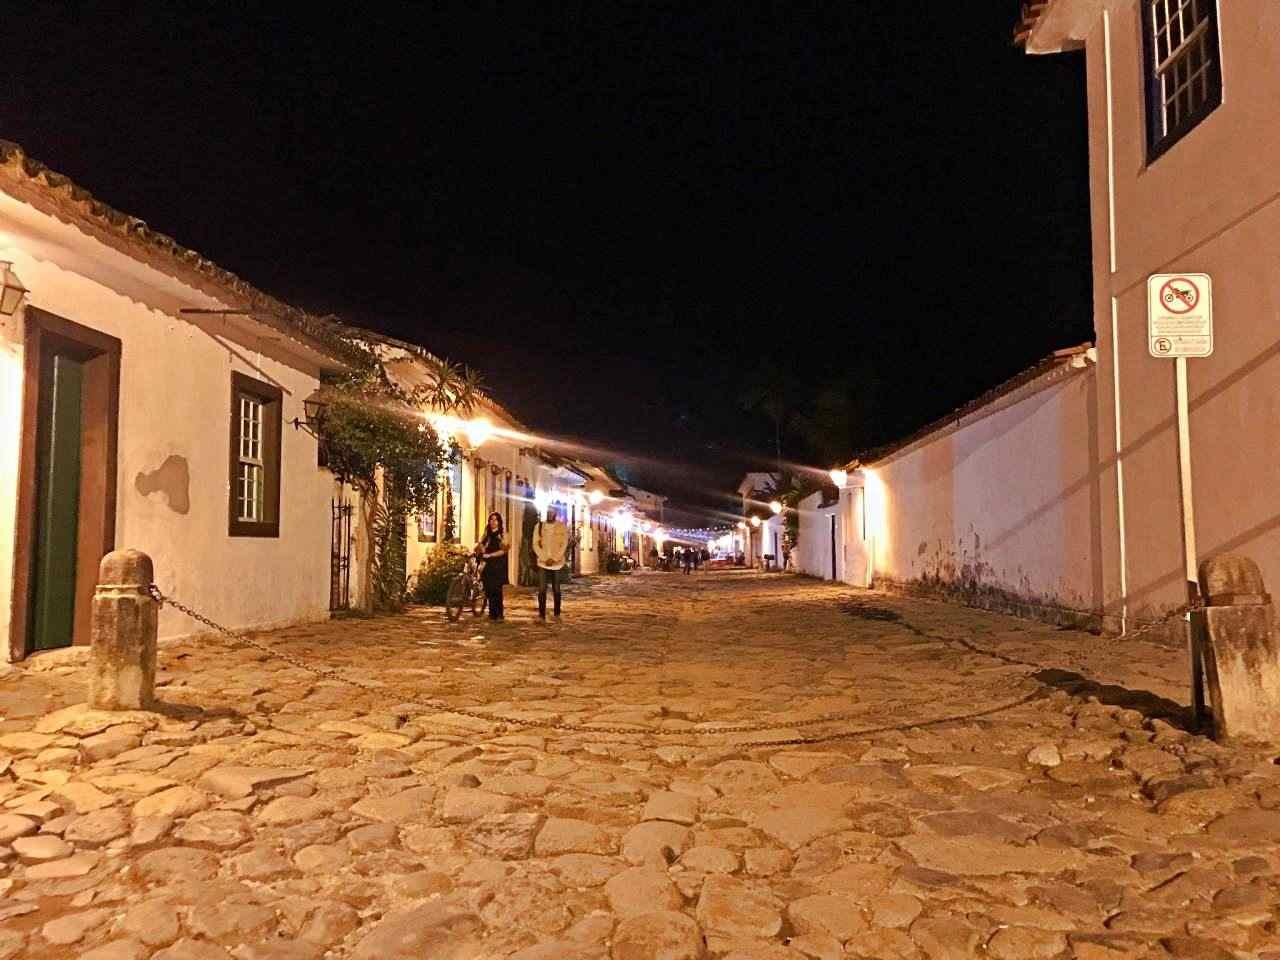 Correntes limitam acesso centro histórico de Paraty